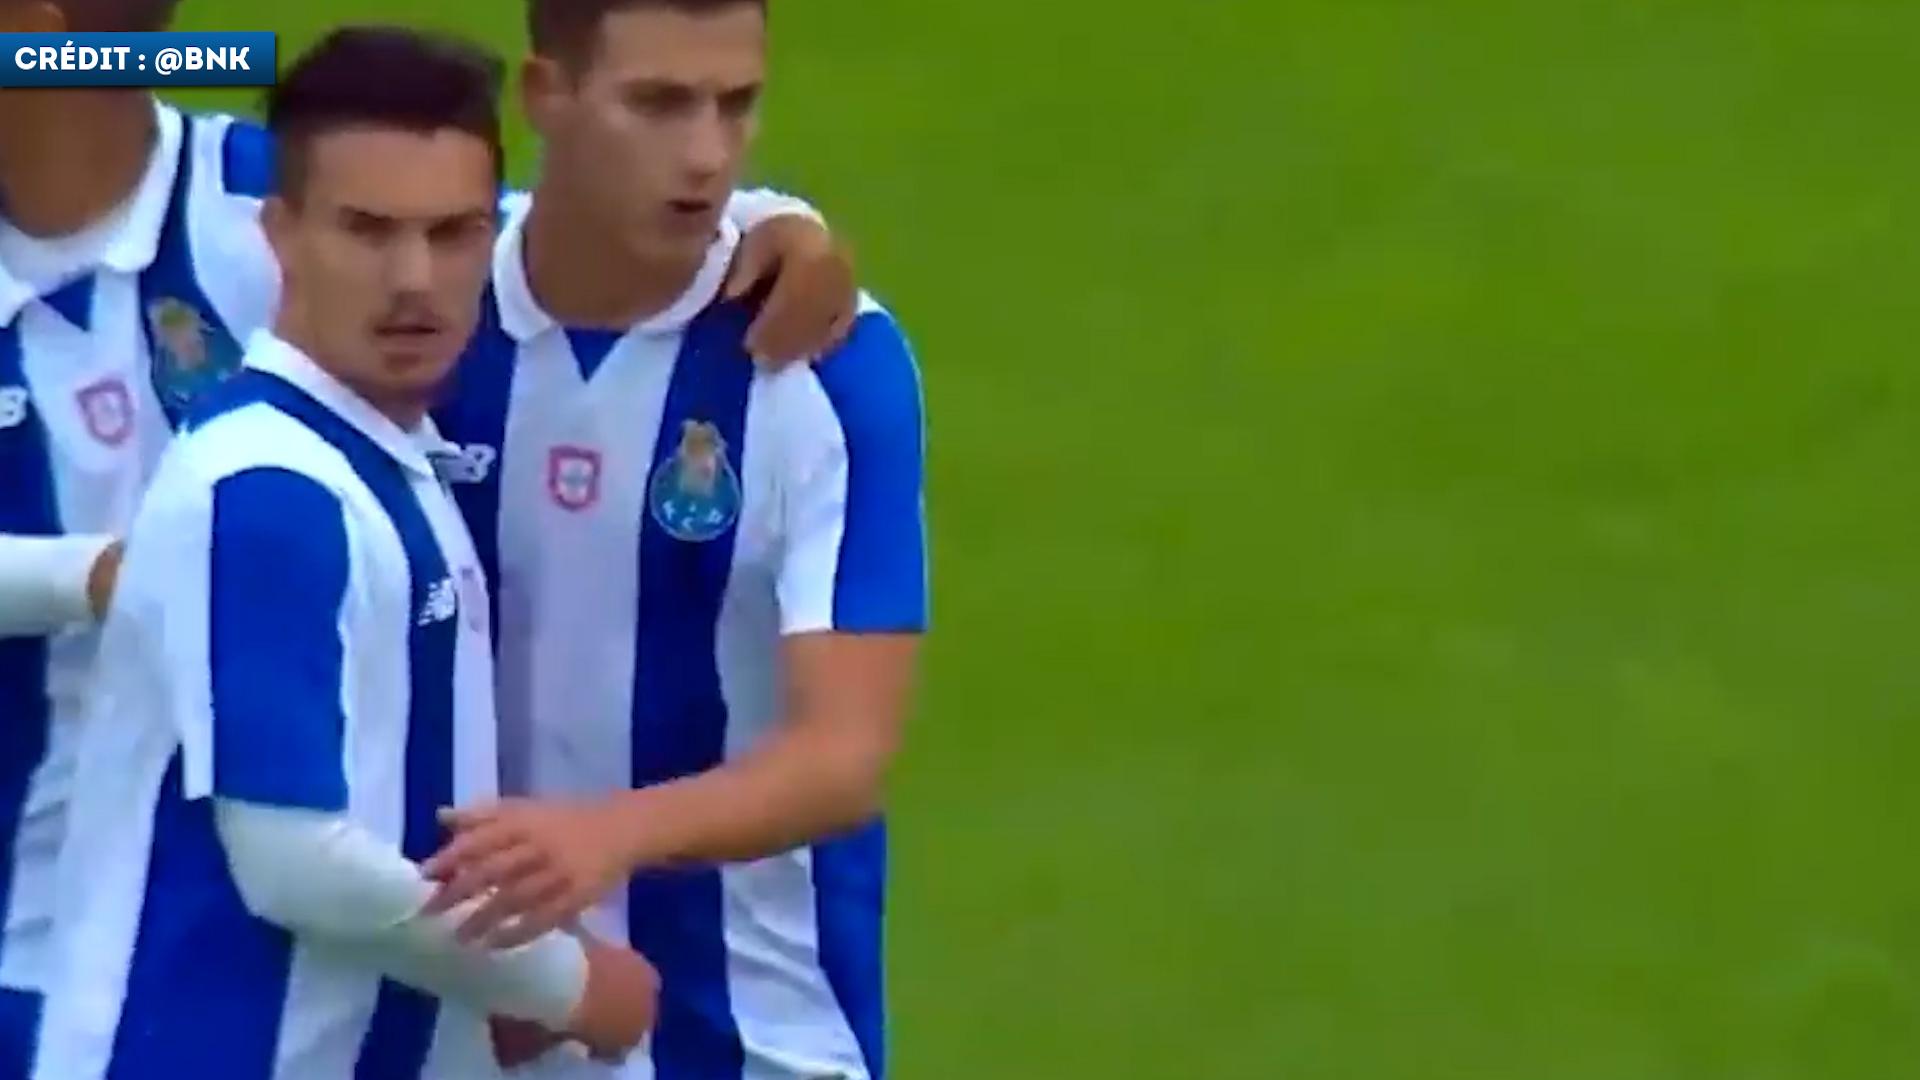 Les skills de Diogo Dalot avec la réserve du FC Porto